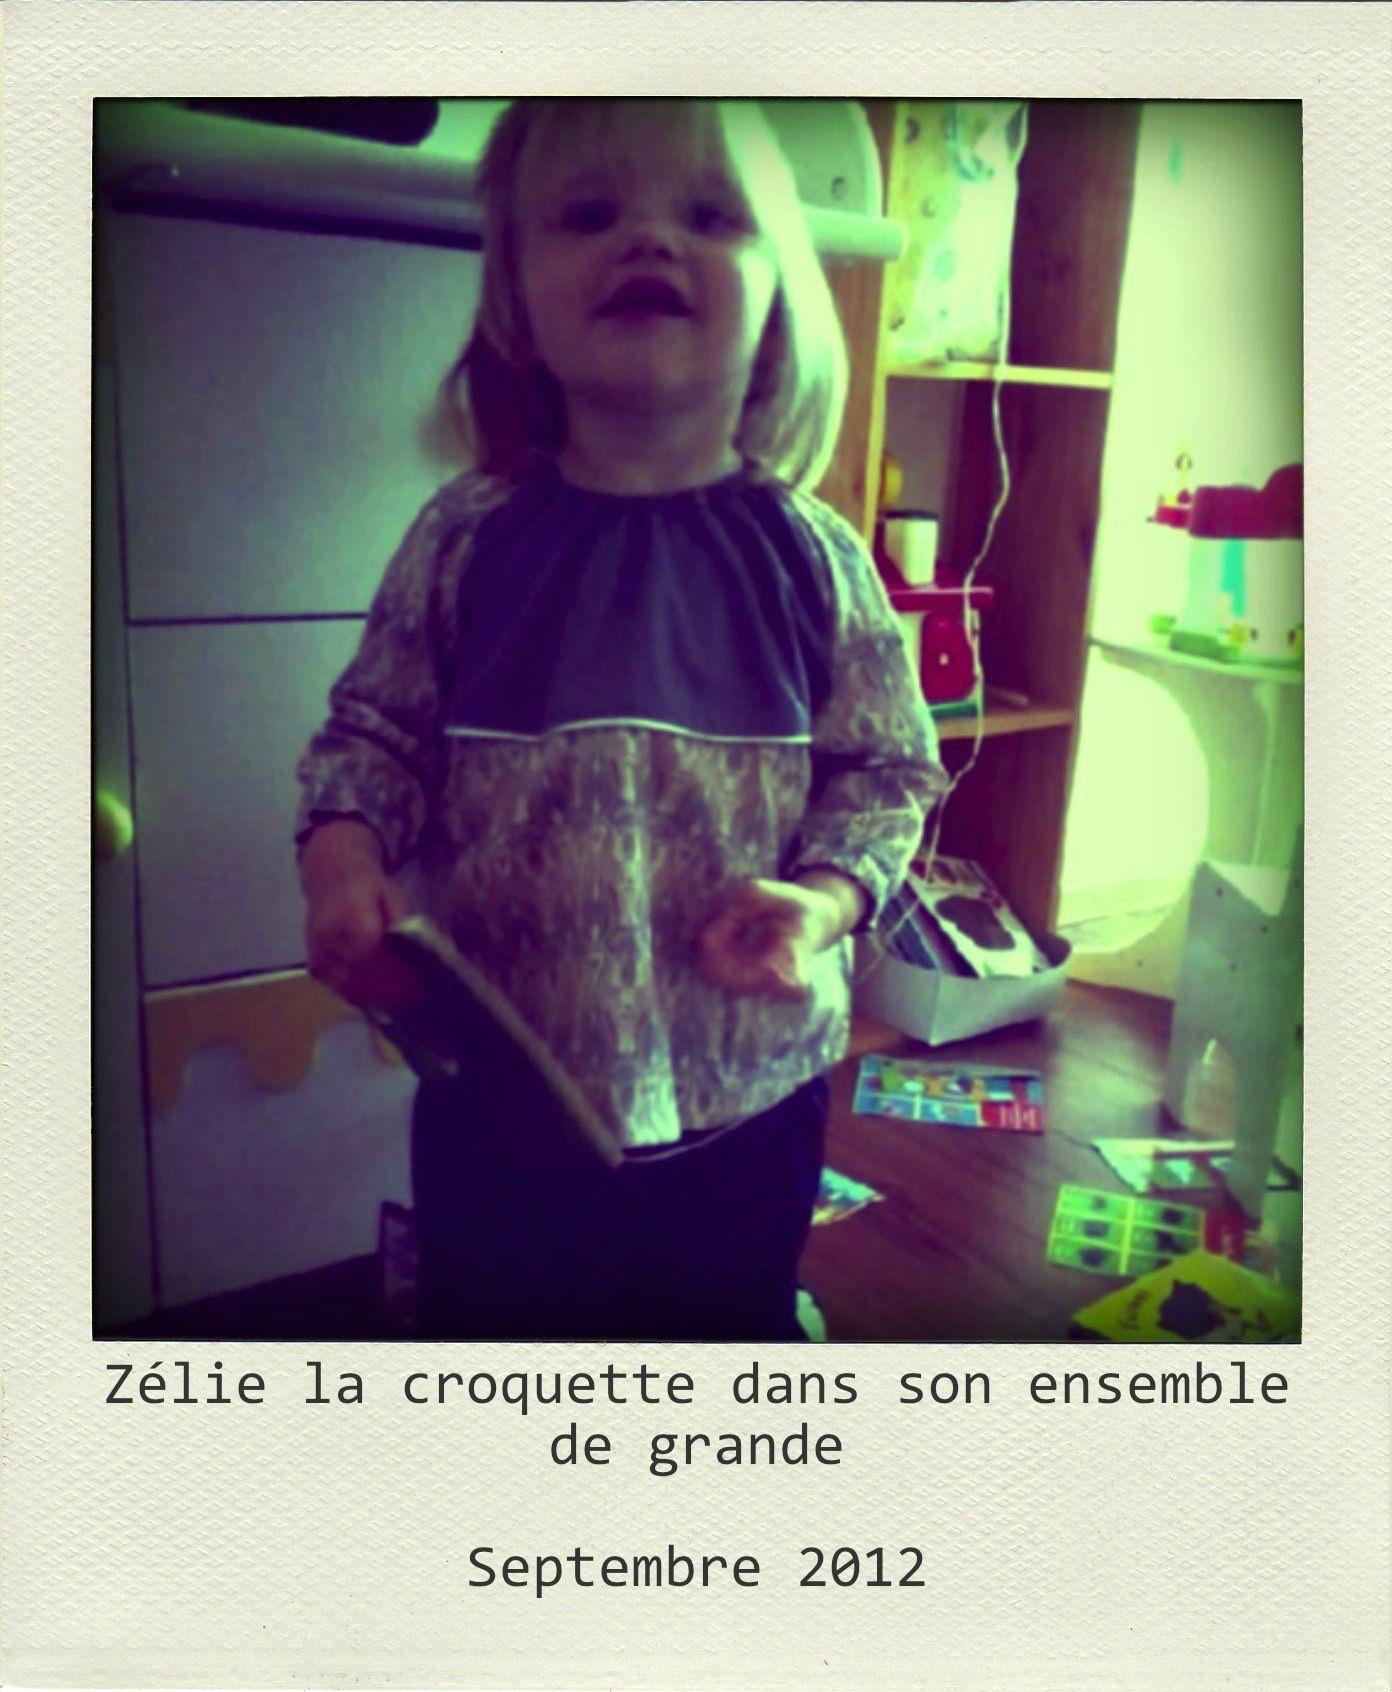 Zélie2